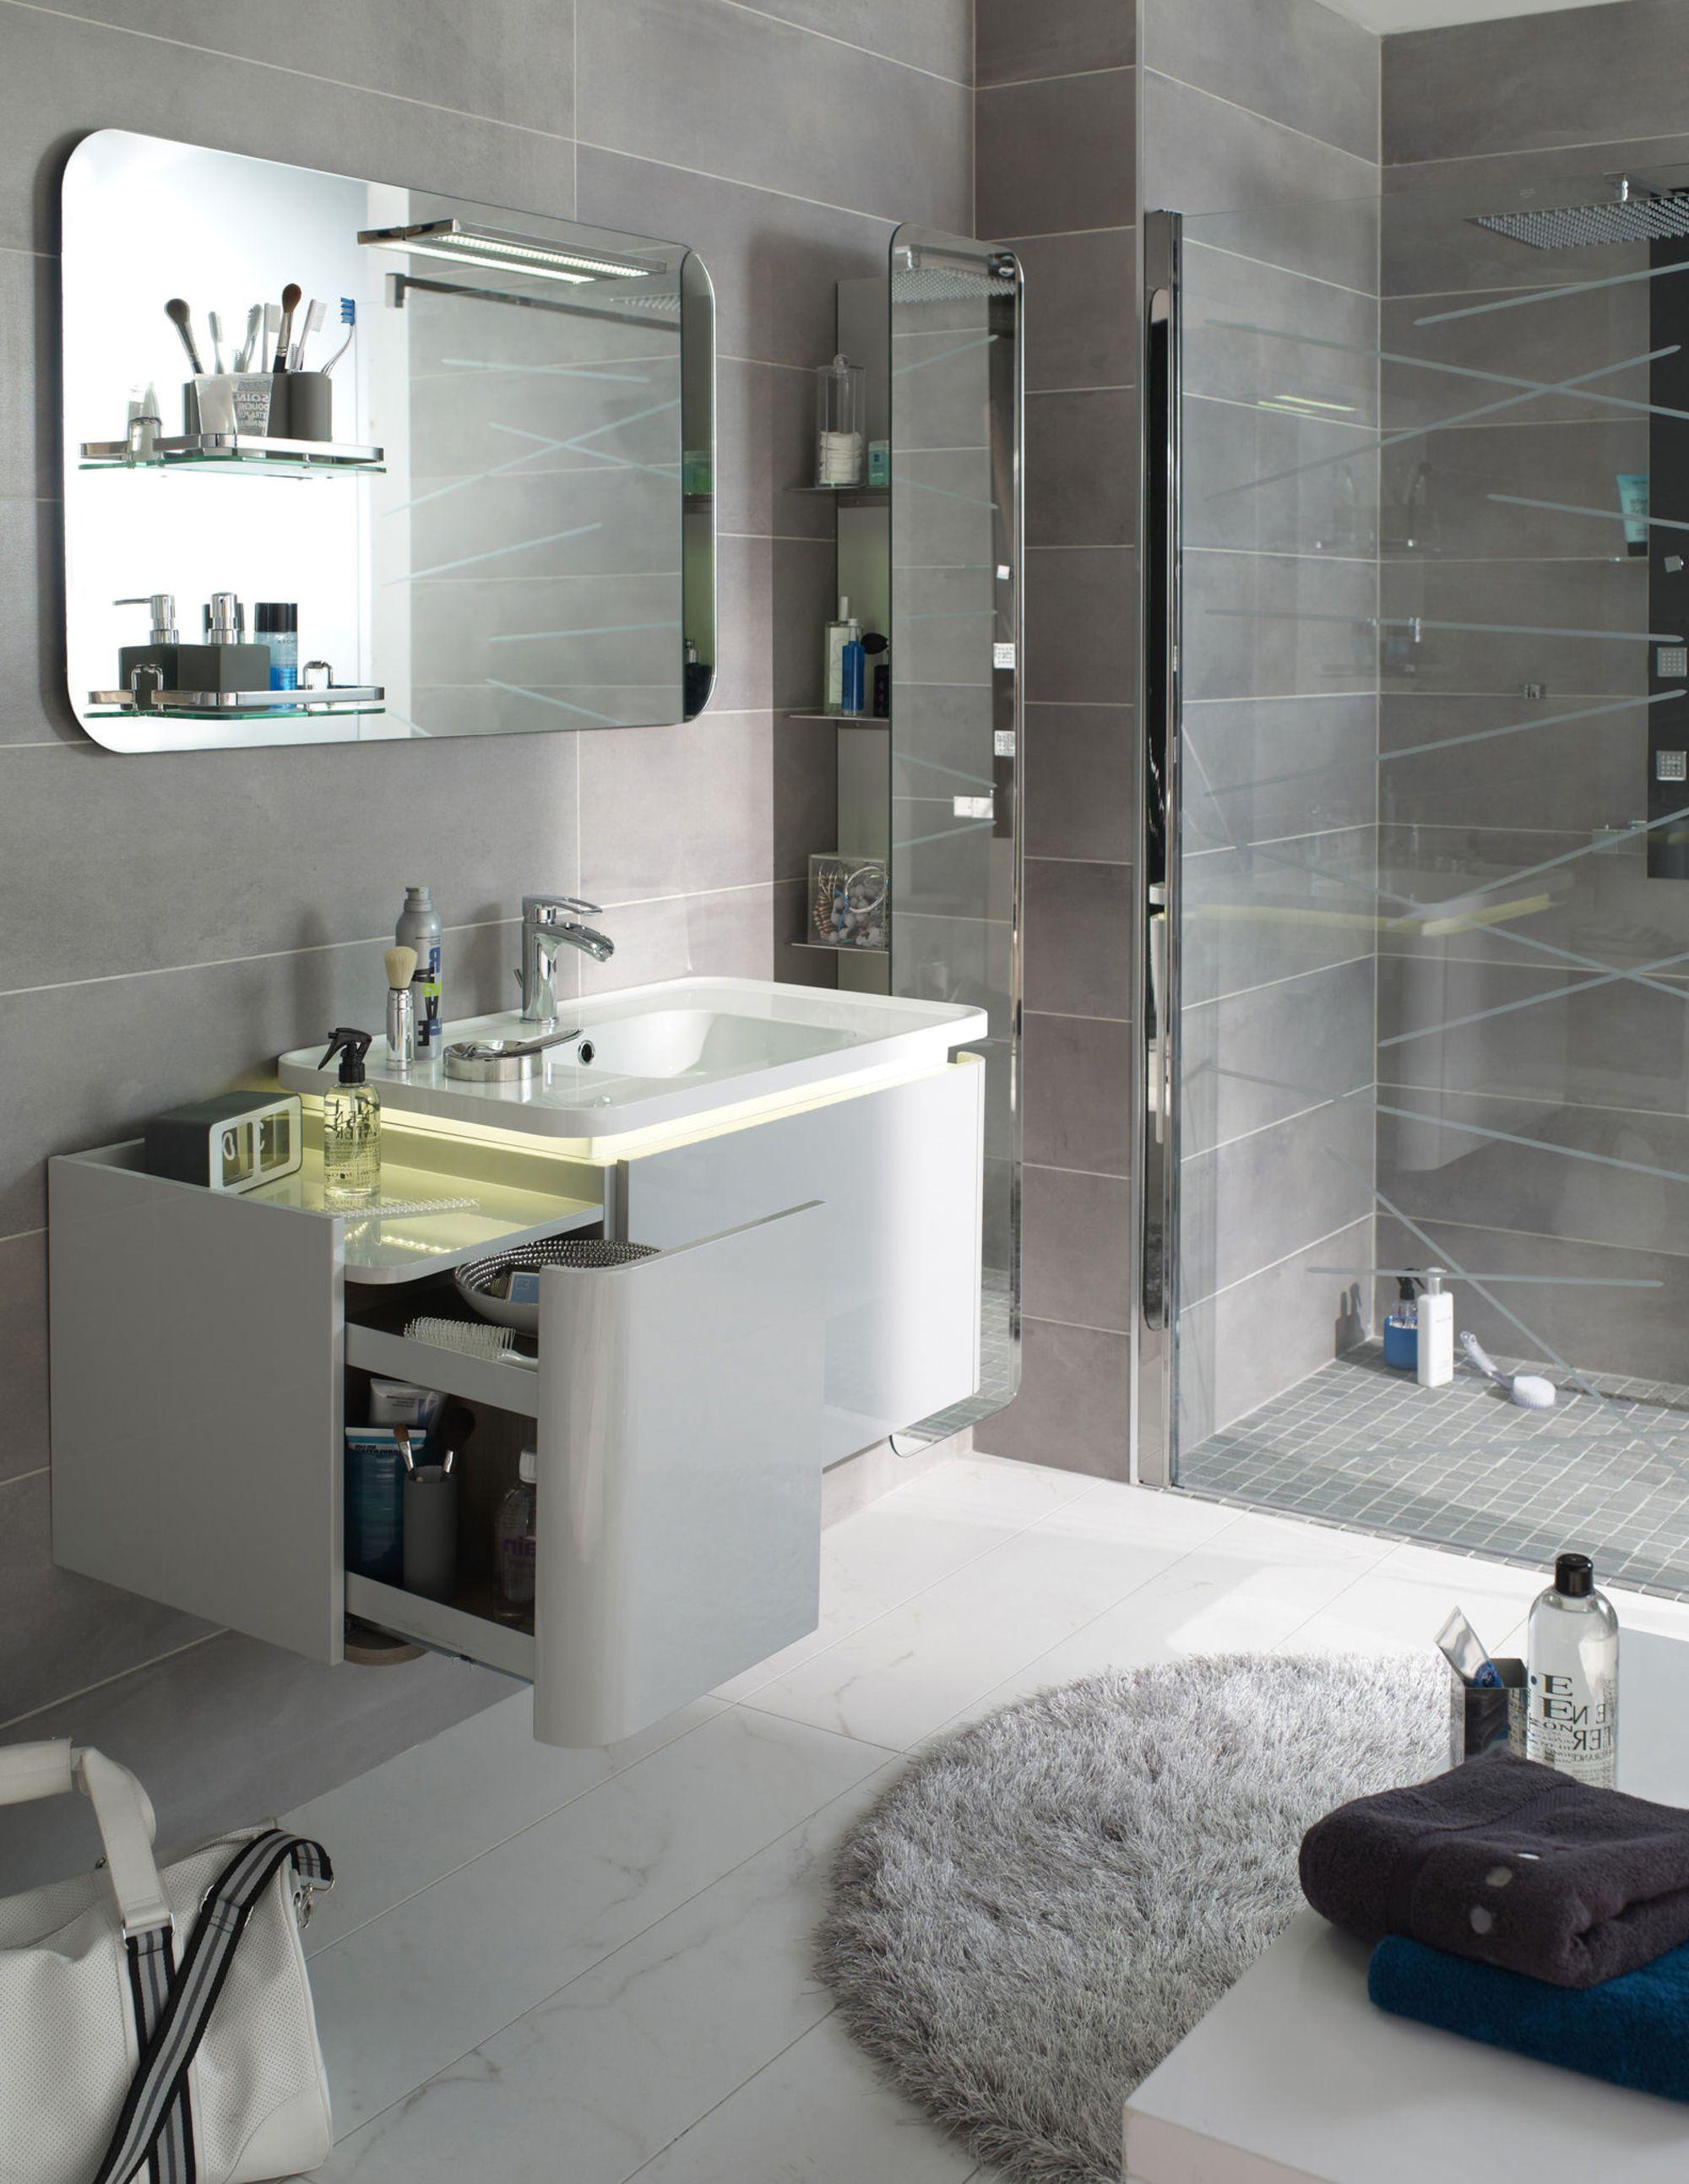 Salle De Bain Image une petite salle de bain qui allie design et praticité